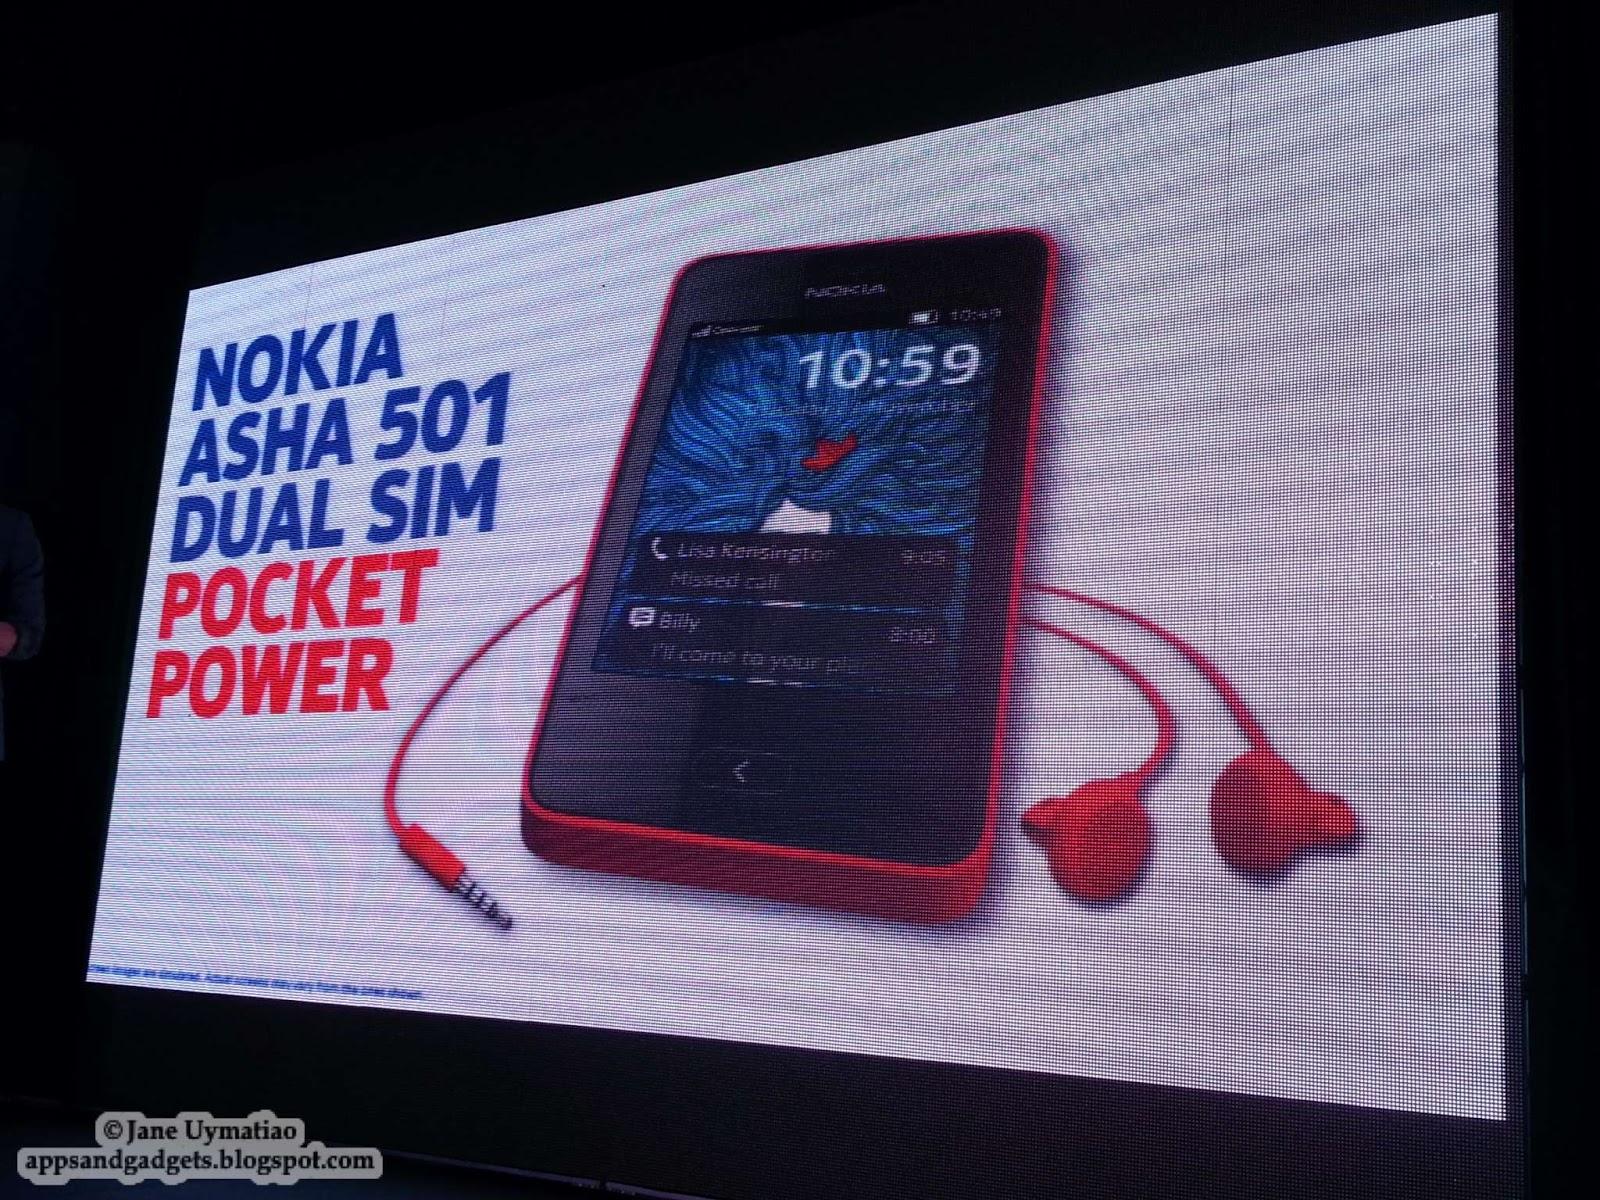 imagens do celular nokia asha 501 - Celular Desbloqueado Nokia Asha 501 Preto com Dual